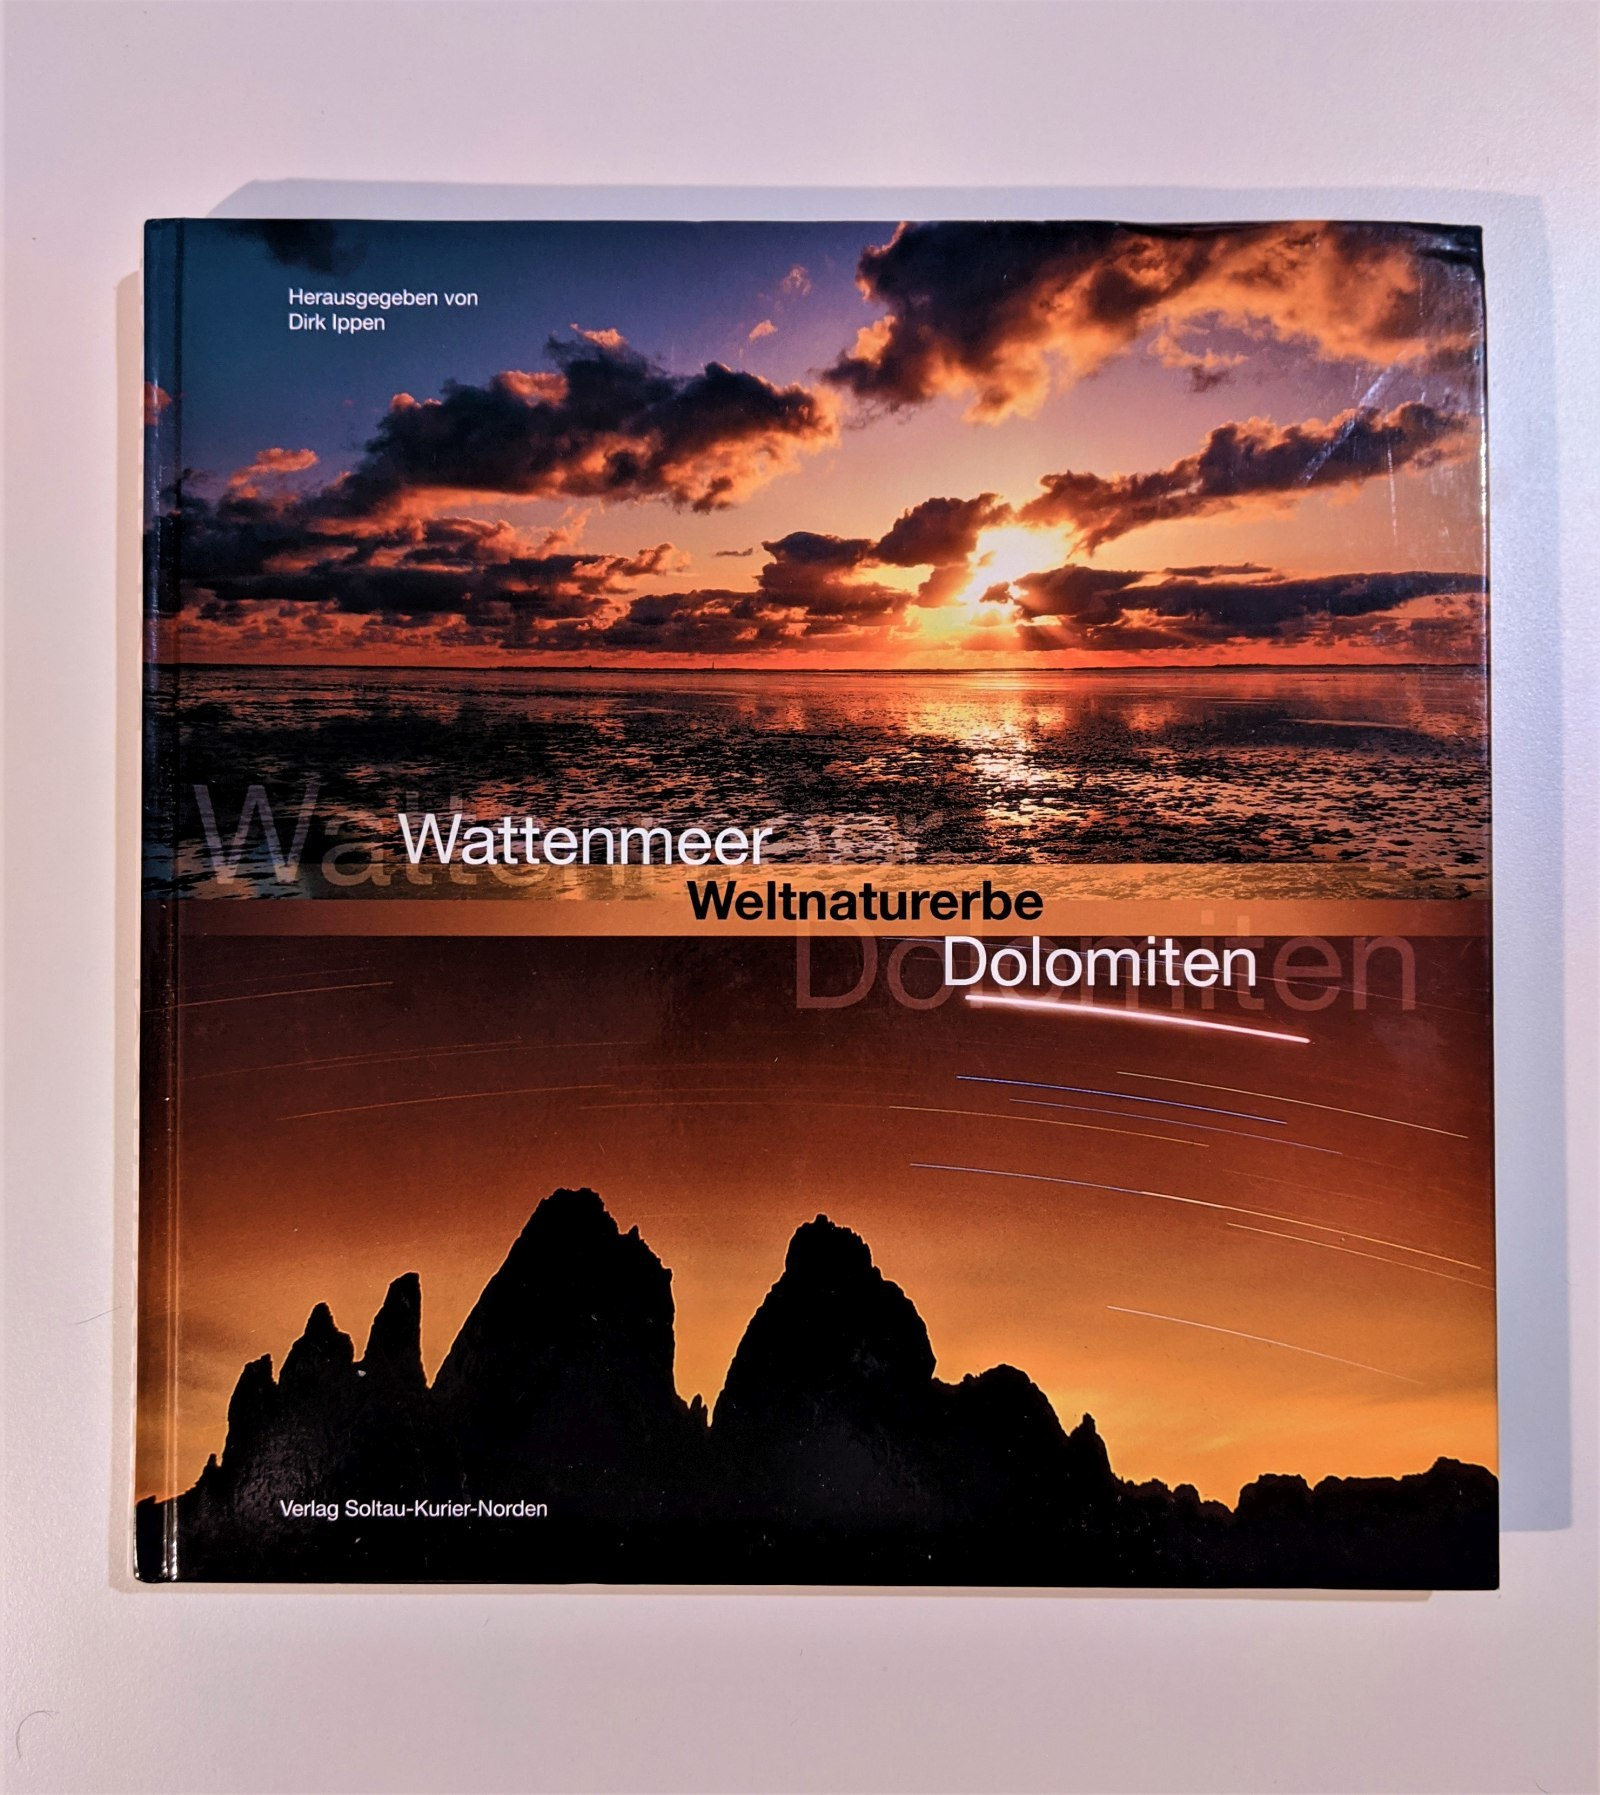 Wattenmeer - Weltnaturerbe - Dolomiten  1. Auflage. - Ippen, Dirk (Mitwirkender) und Martin (Mitwirkender) Stromann